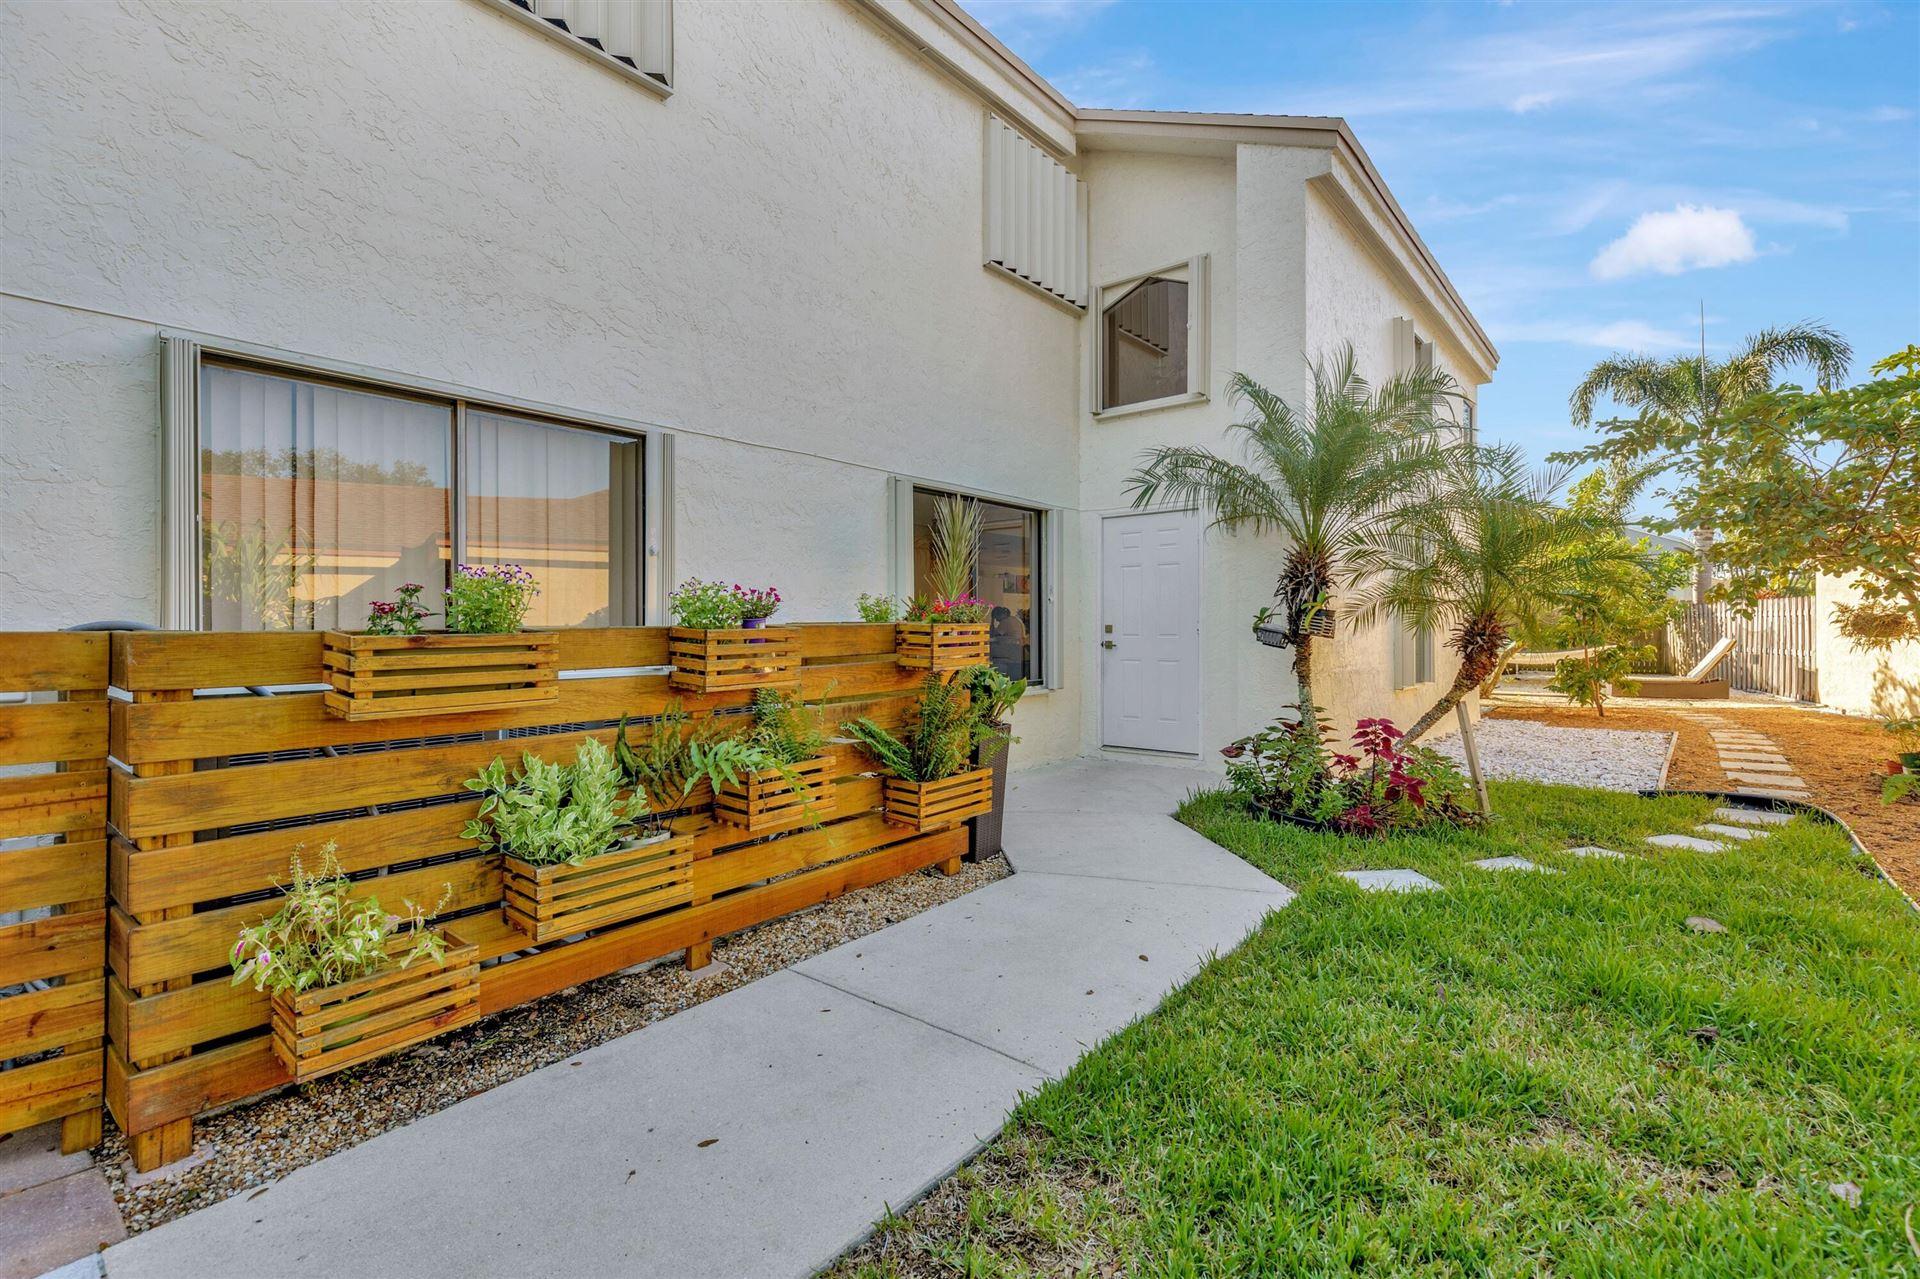 Photo of 3840 NW 21 Street, Coconut Creek, FL 33066 (MLS # RX-10750843)